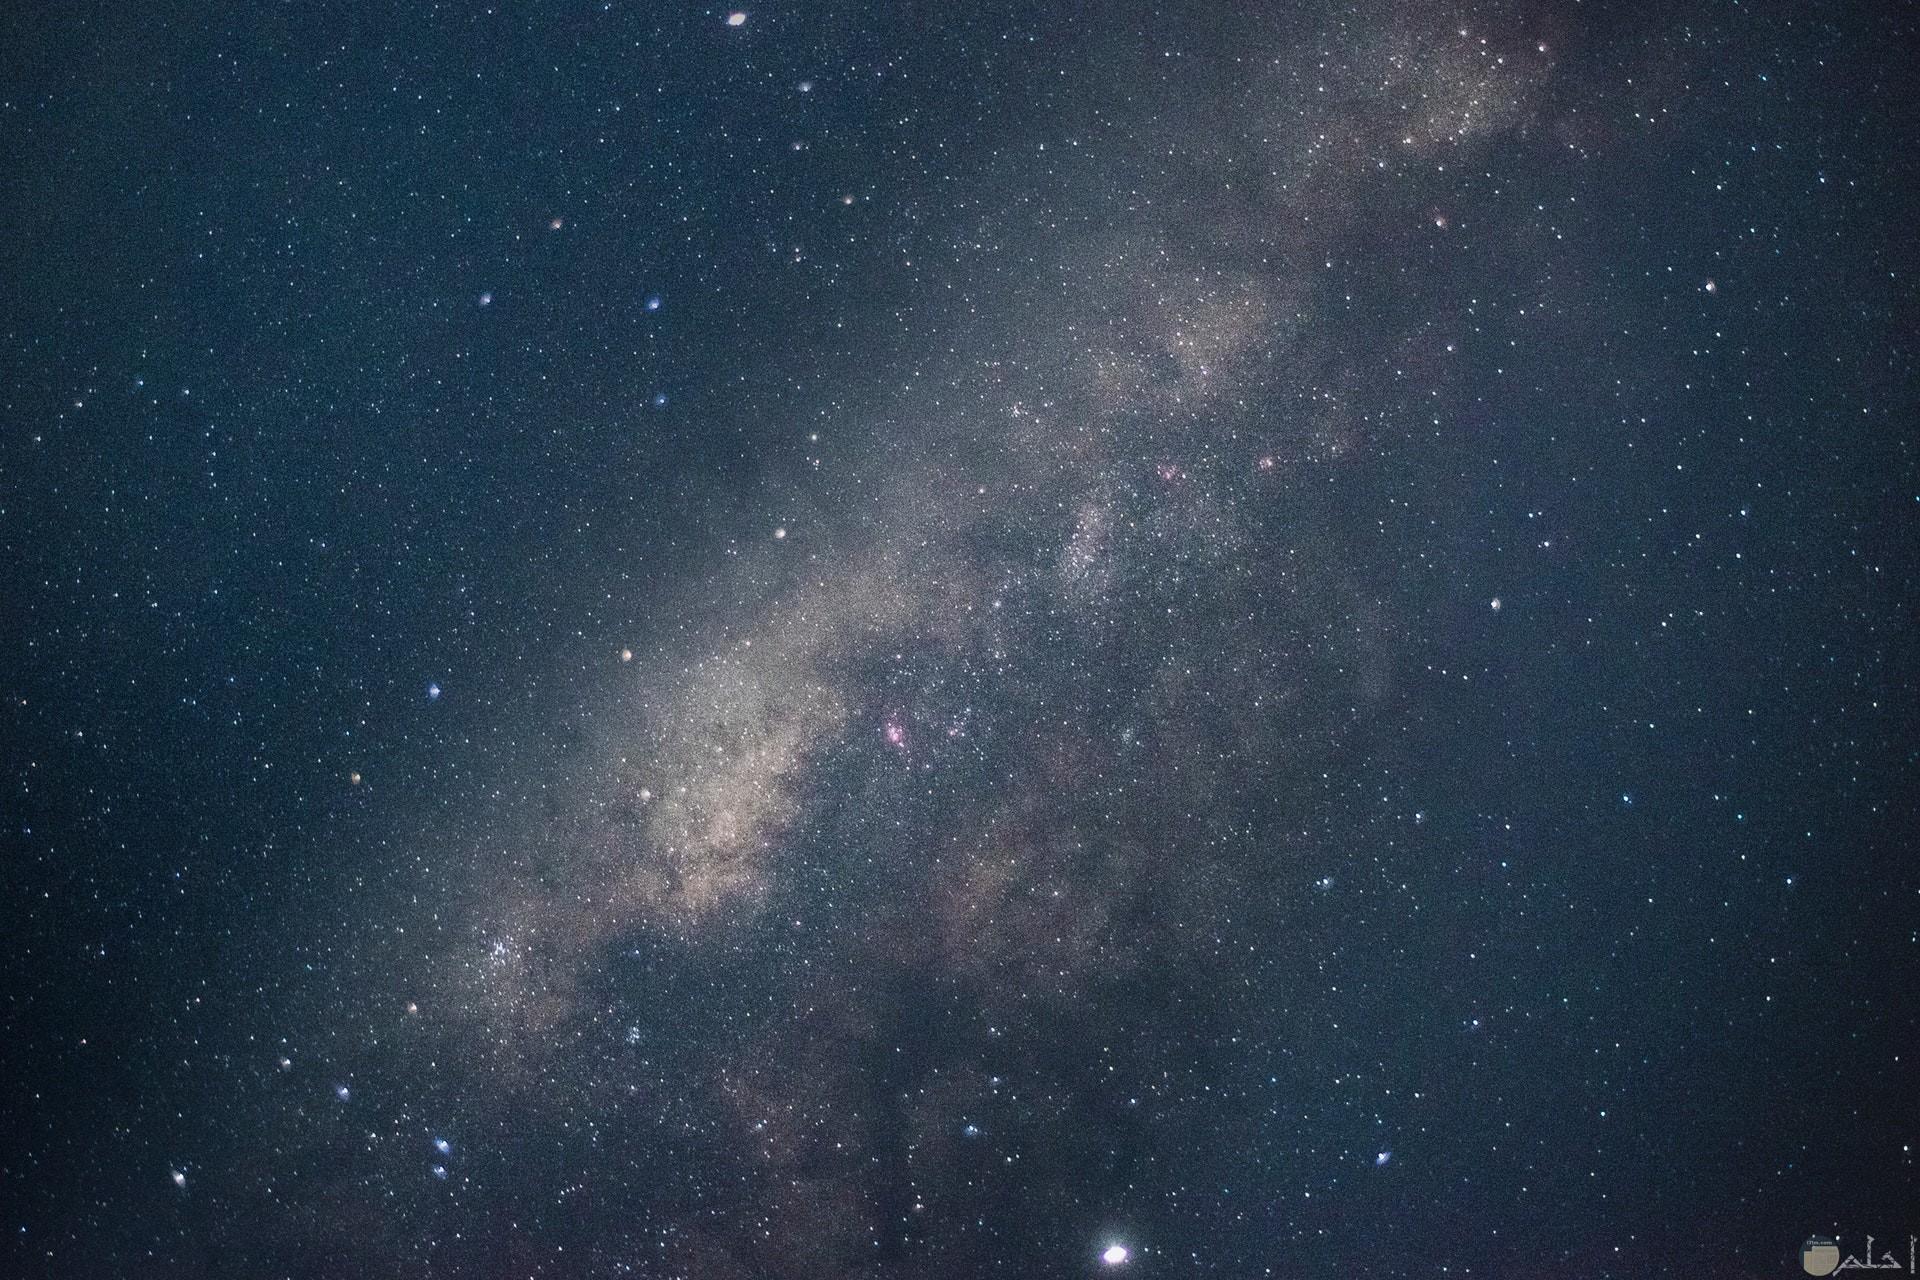 صورة مميزة للفضاء الخارجي مع النجوم المضيئة كخلفية جميلة للهاتف